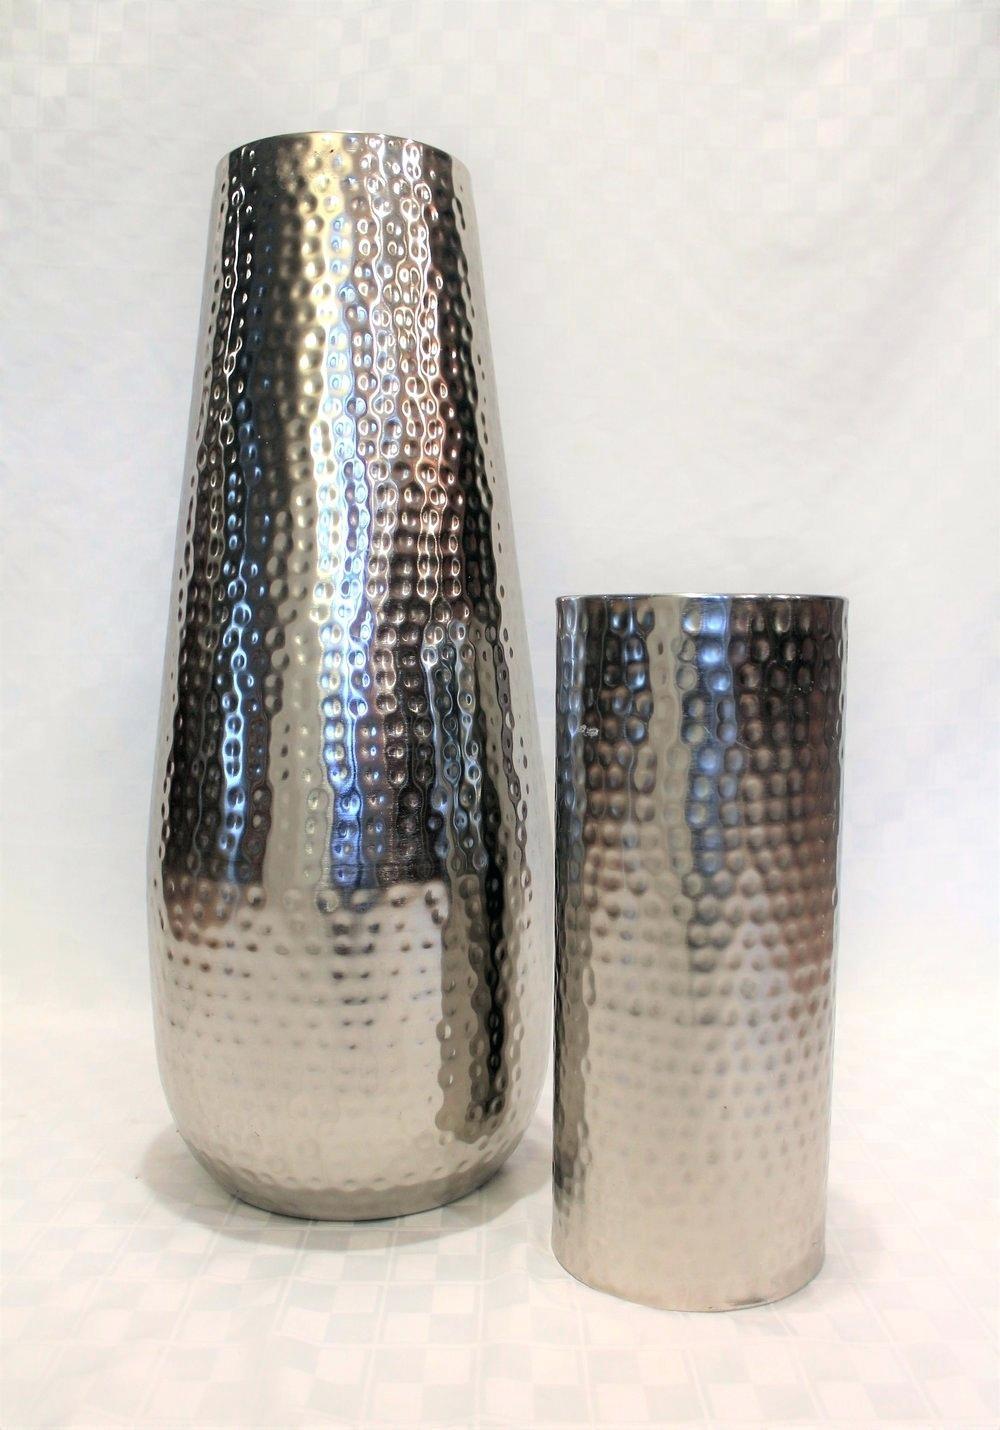 cheap glass vases wholesale of silver vases wholesale pandoraocharms us in silver vases wholesale glass bulk tall flower fl org